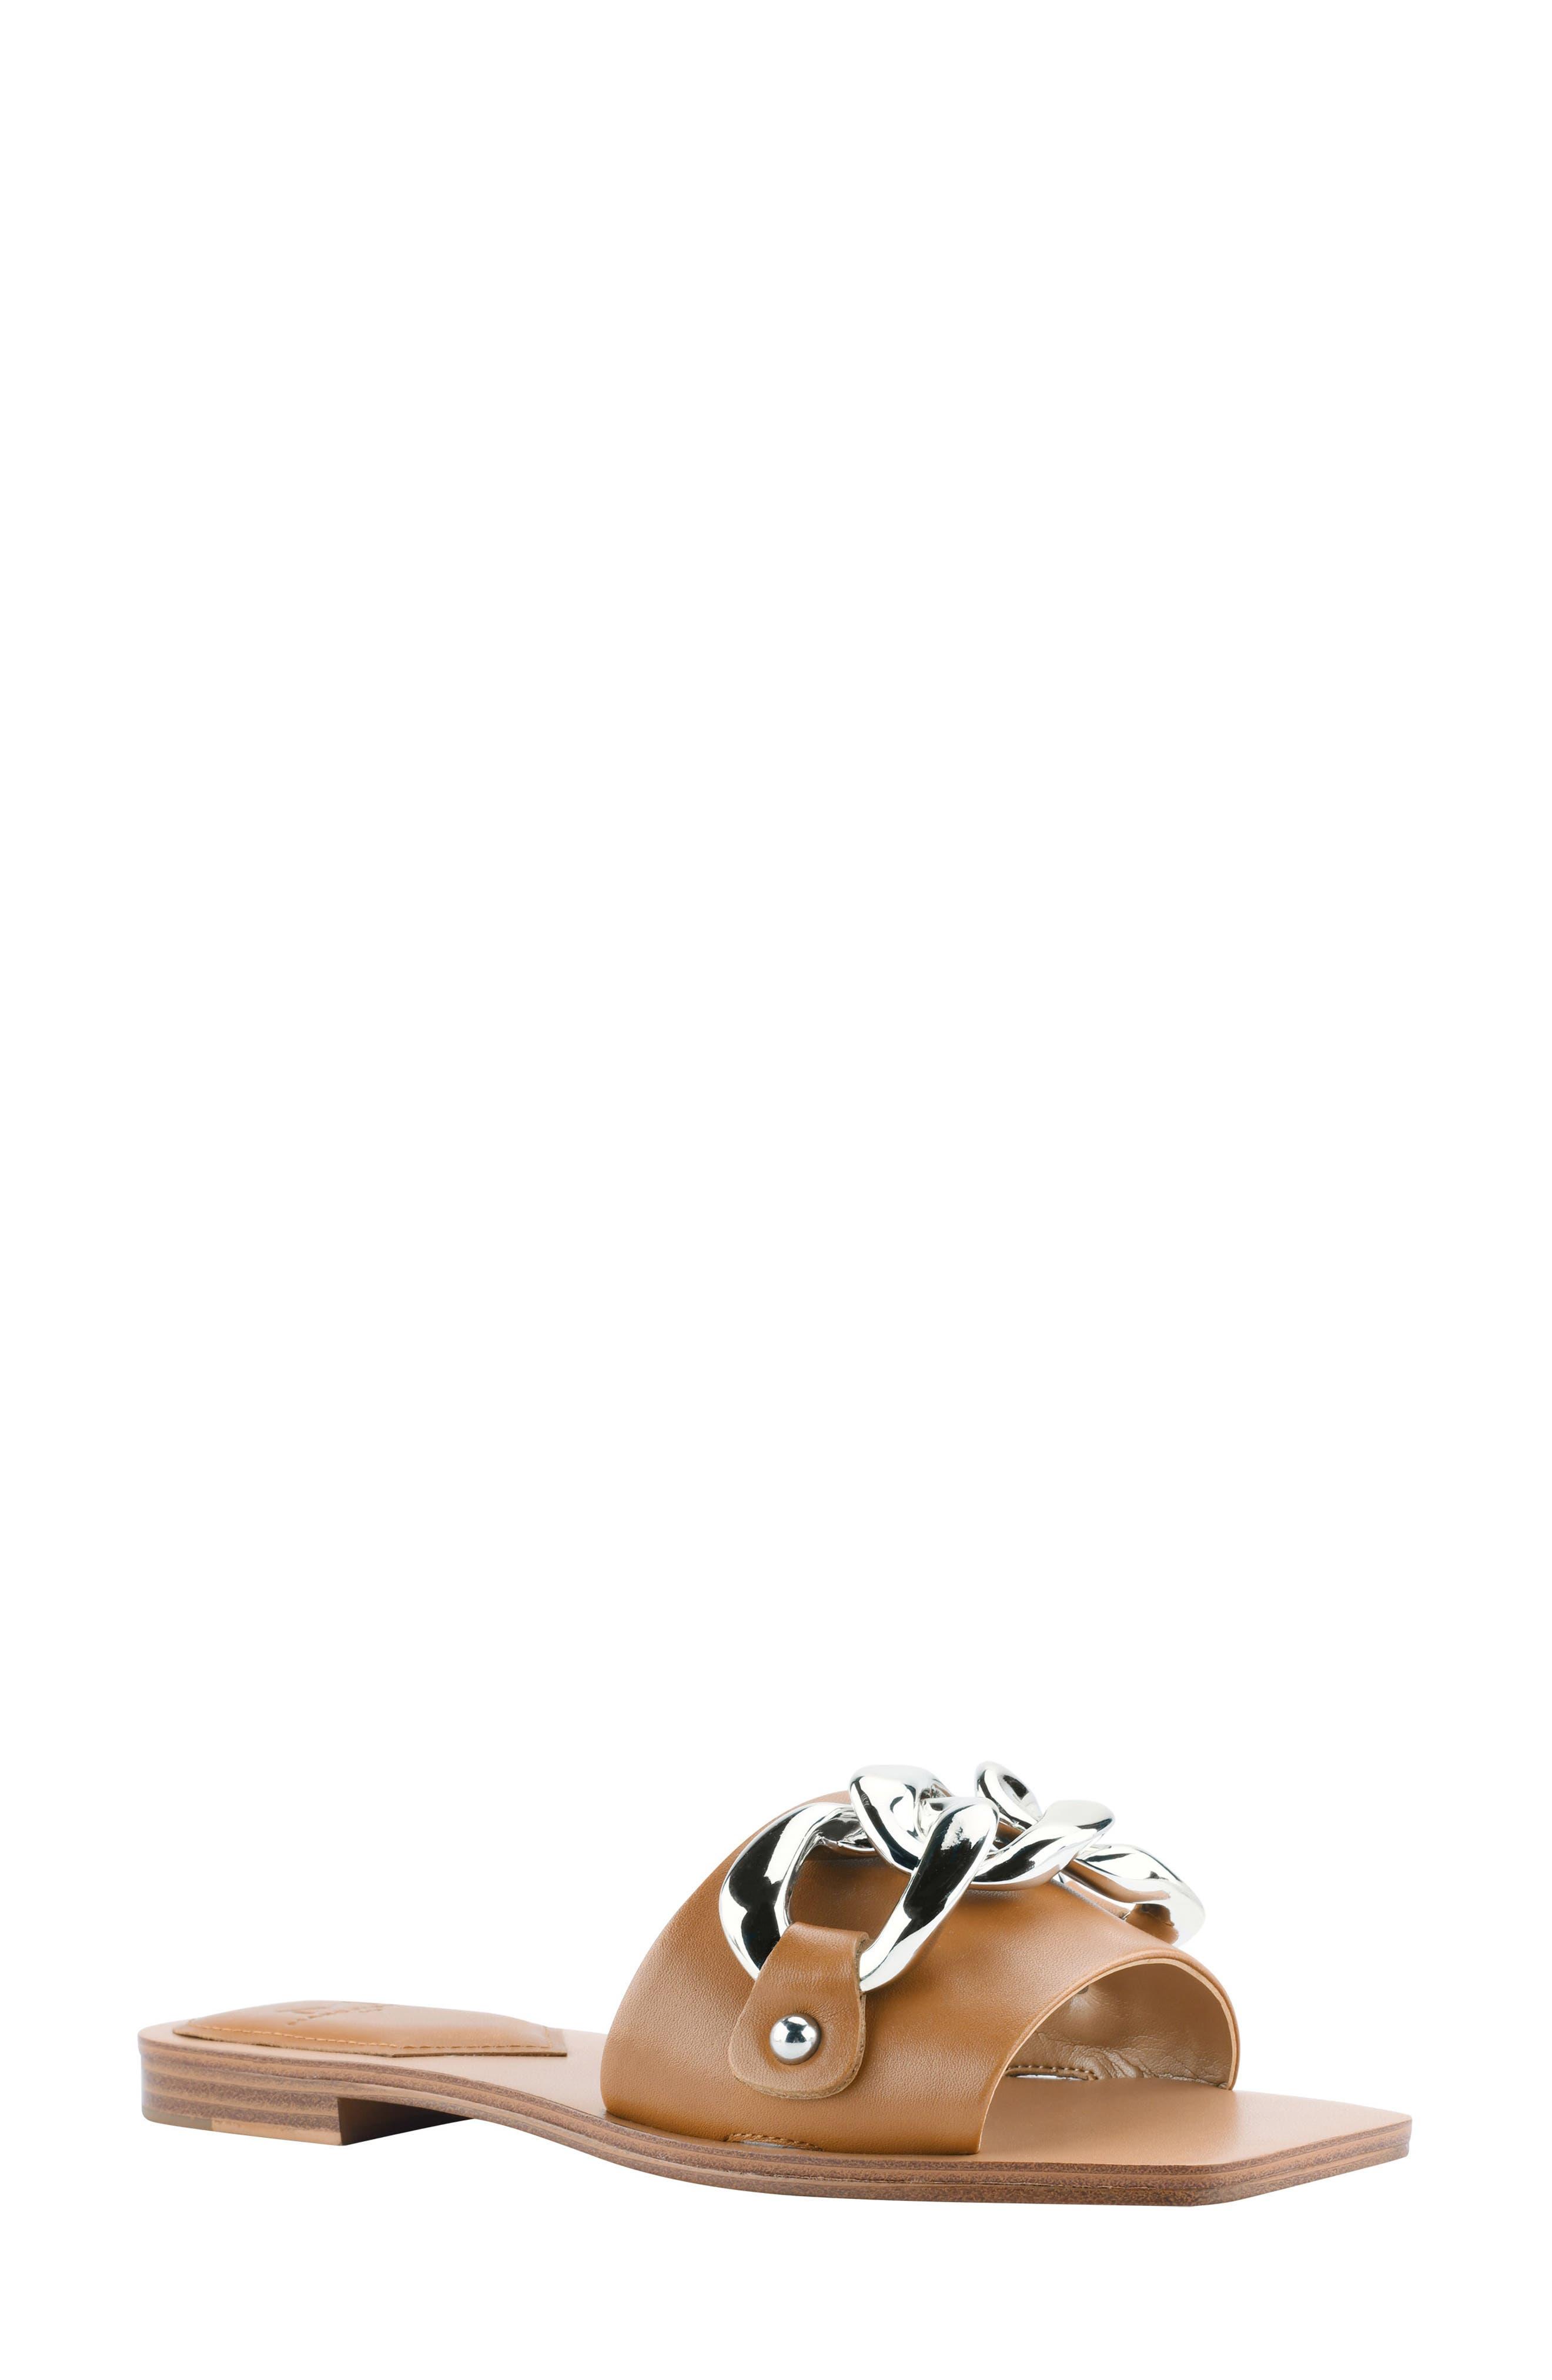 Women's Marc Fisher Rosely Chain Slide Sandal